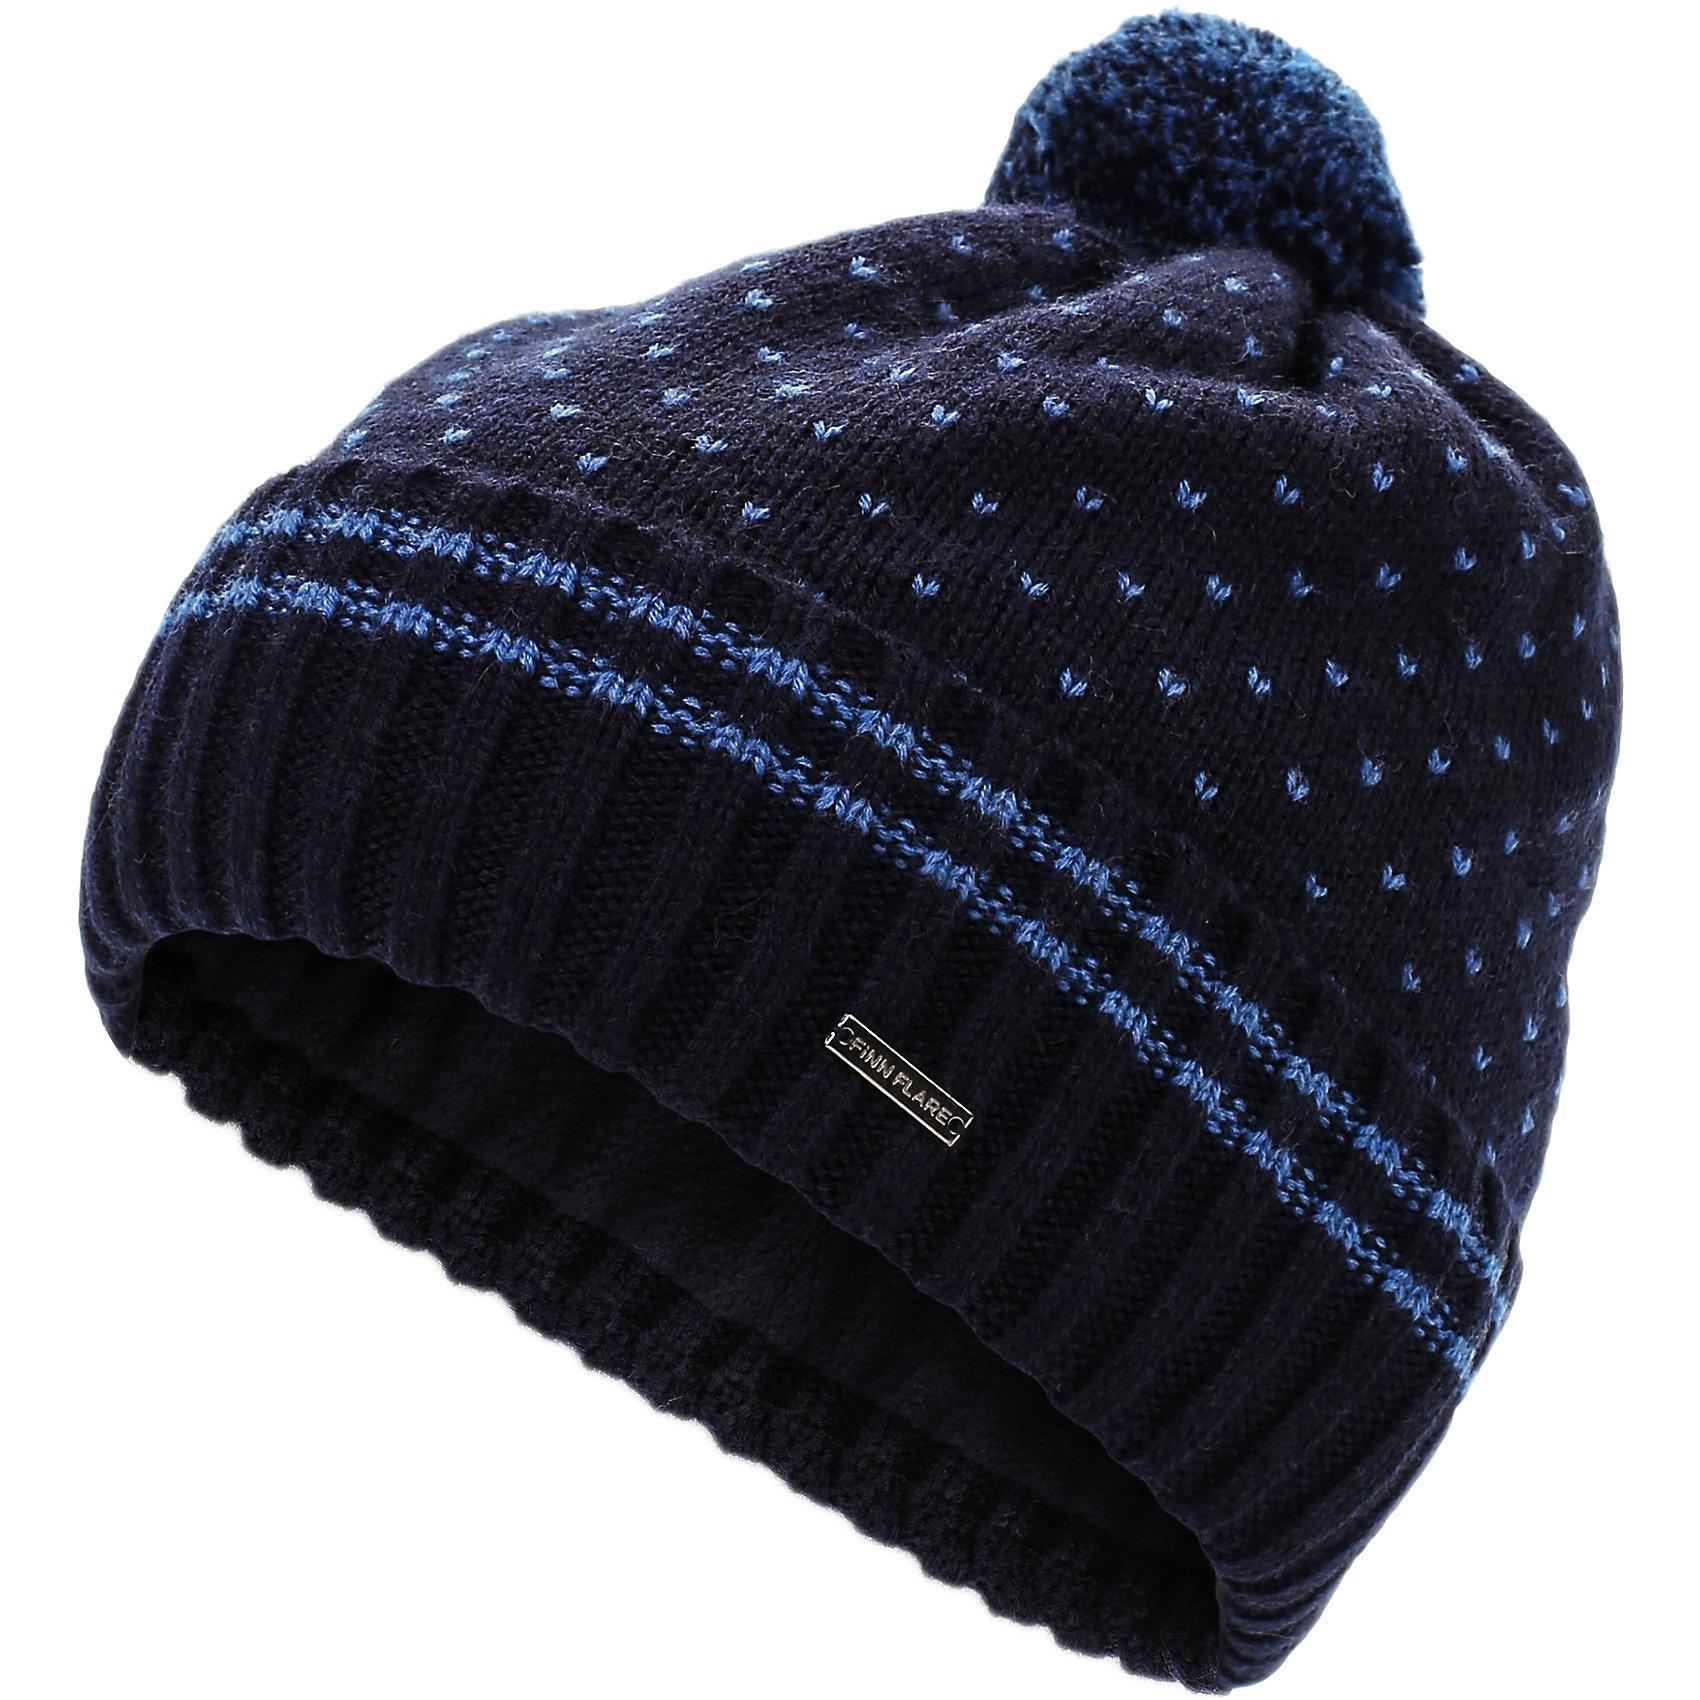 Шапка для мальчика Finn FlareГоловные уборы<br>Шапка известной марки Finn Flare.<br><br>Утепленная шапка для мальчика украшена помпоном, есть абстрактный принт. Имеется логотип бренда Finn Flare. Шапка на подкладке, используется в холодную осеннюю пору. <br><br>Состав: 60% шерсть, 40% акрил<br>Подкладка: 100% полиэстер<br><br>Шапку для мальчика Finn Flare можно купить в нашем интернет-магазине.<br><br>Ширина мм: 89<br>Глубина мм: 117<br>Высота мм: 44<br>Вес г: 155<br>Цвет: синий<br>Возраст от месяцев: 60<br>Возраст до месяцев: 72<br>Пол: Мужской<br>Возраст: Детский<br>Размер: 54<br>SKU: 4890388